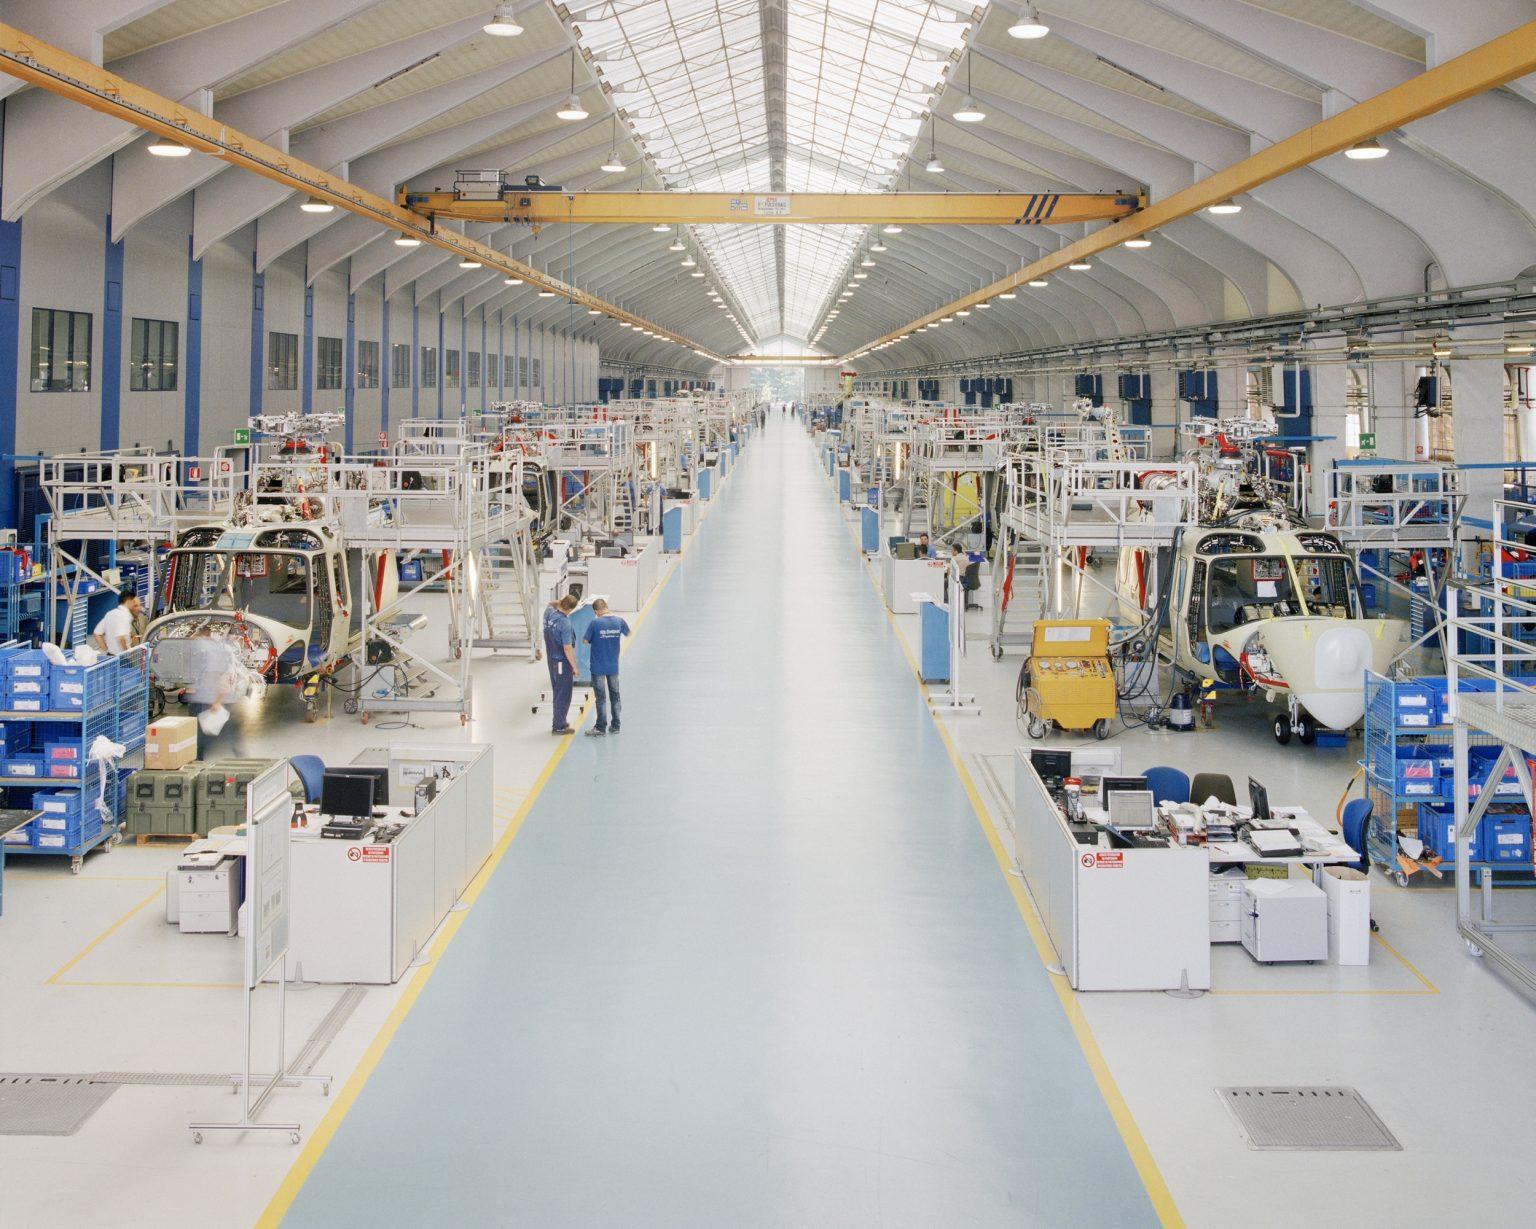 Leonardo, Vergiate (VA), 2017. Leonardo Finmeccanica helicopter production plant in Vergiate. ><  Leonardo, Vergiate (VA), 2017. Leonardo Finmeccanica divisione elicotteri, veduta dello stabilimento produttivo di Vergiate.